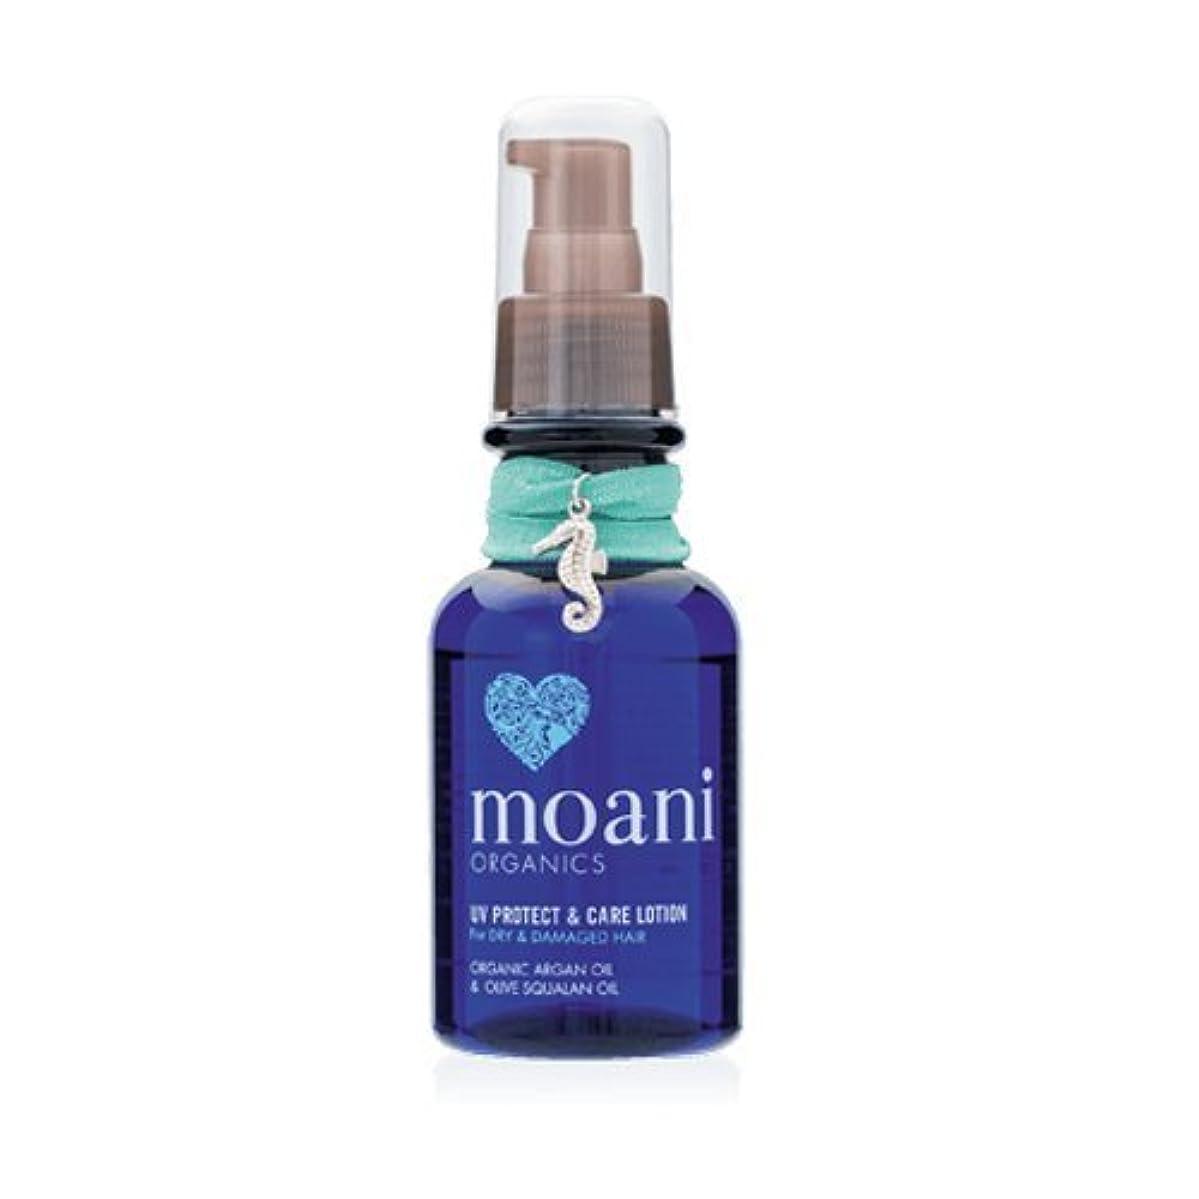 バケット事務所着陸moani organics UV Protect & Care Lotion For Dry & Damaged Hair(髪用アウトバストリートメント)